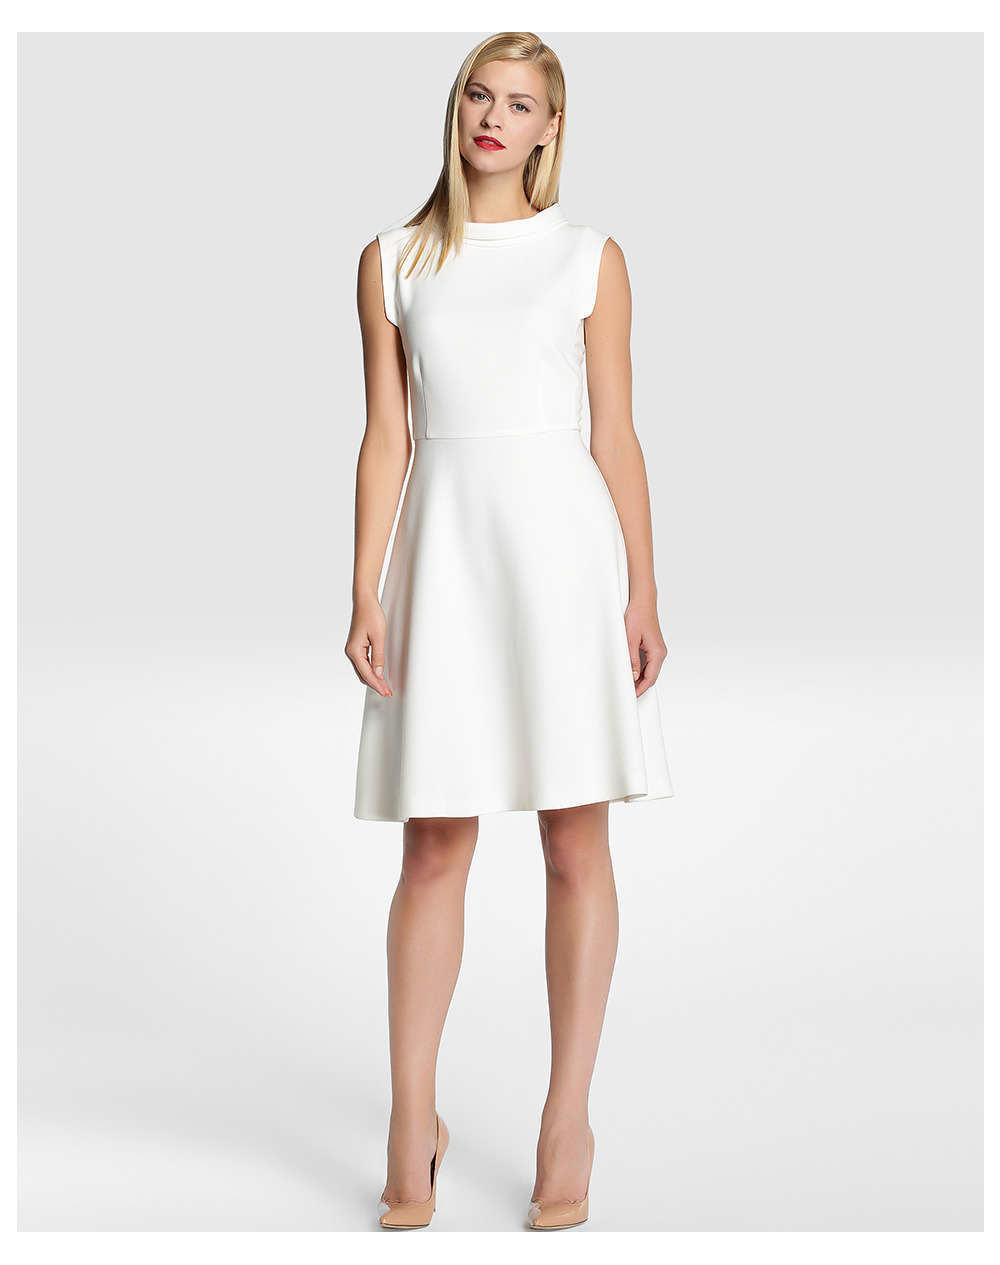 tags vestidos cortos de colores vestidos cortos de moda vestidos de fiesta de dia vestidos elegantes de fiesta vestidos ideales para bodas